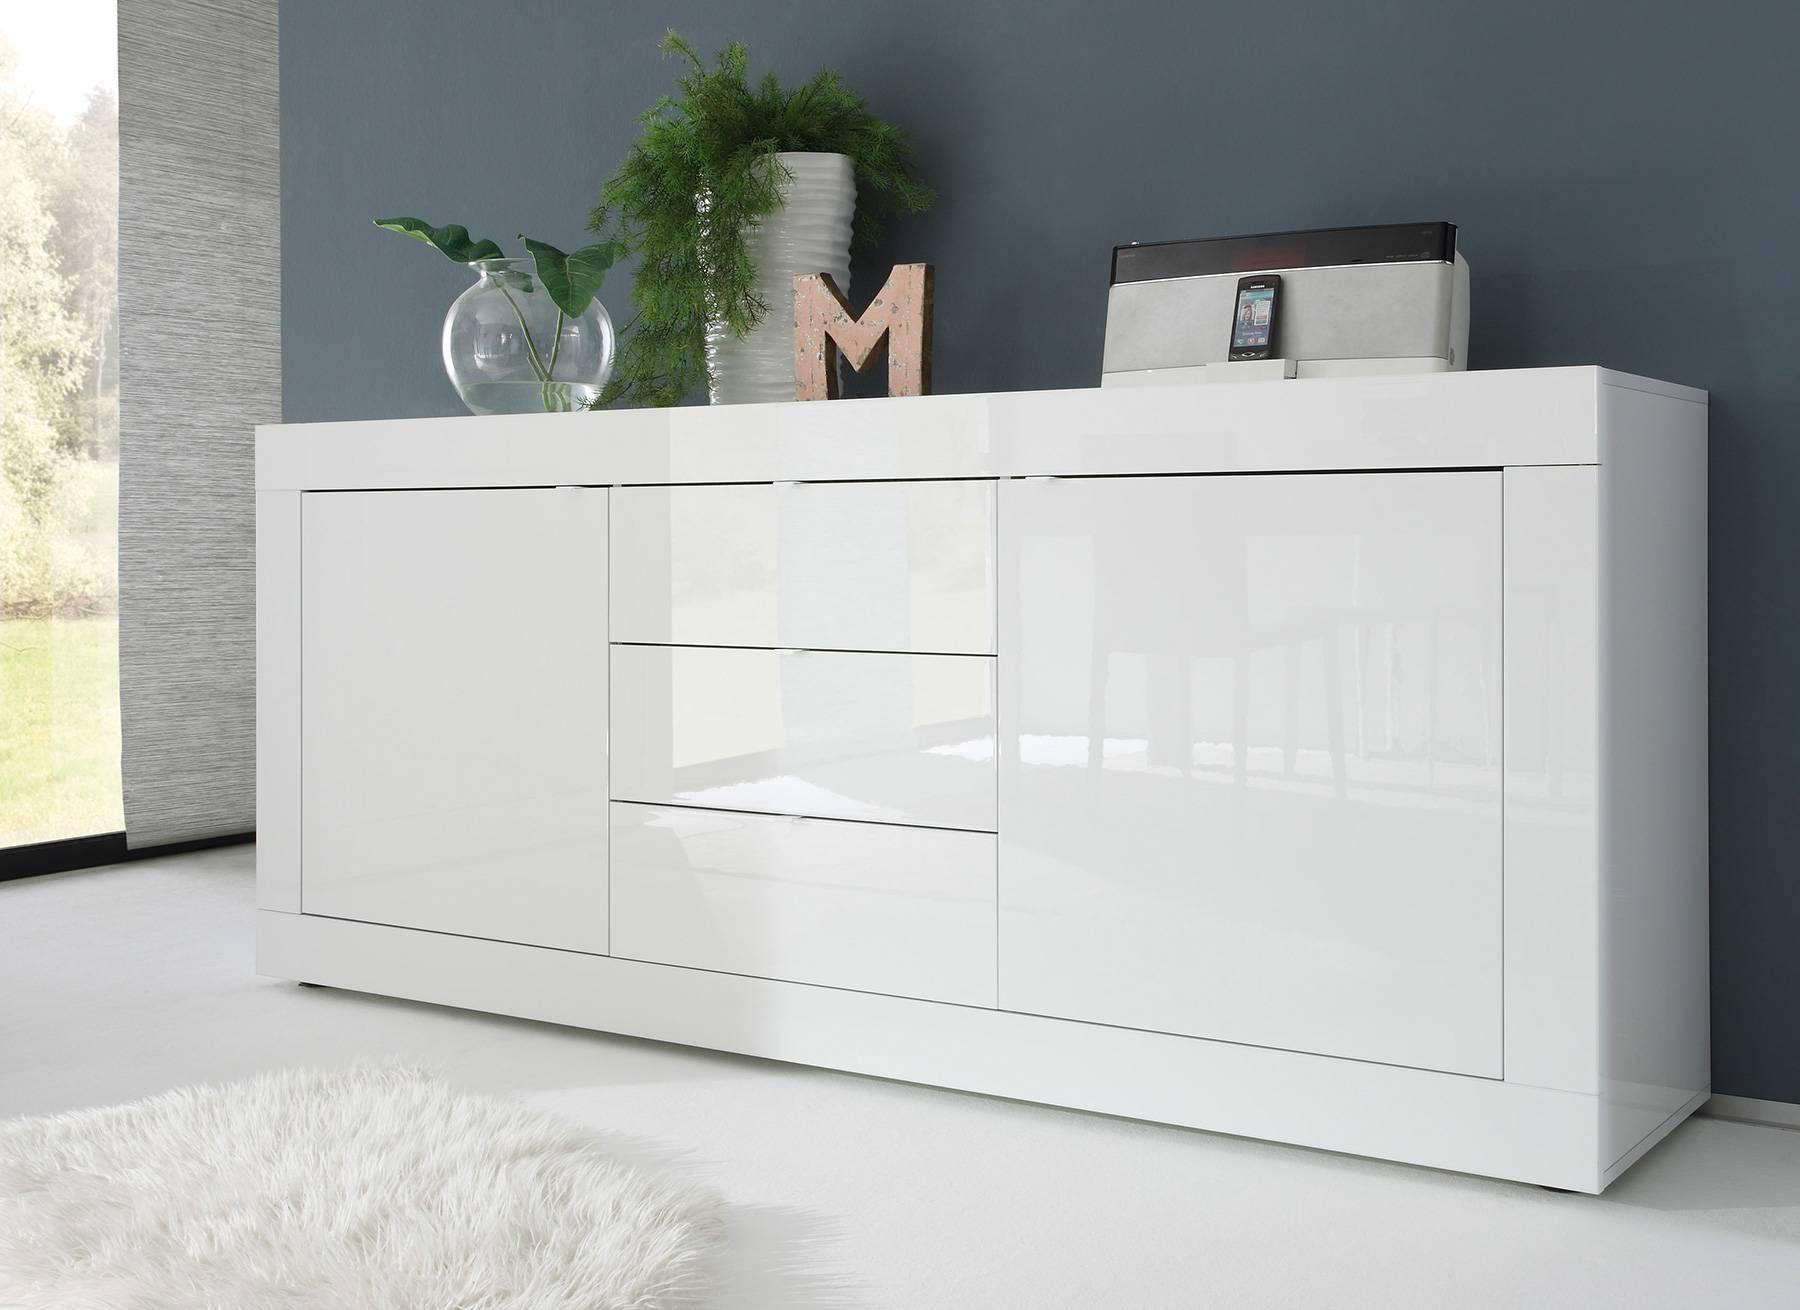 Brilliant Hochglanz Sideboard Foto Von Weiß / Eiche Wenge Caserta18 - Designermöbel